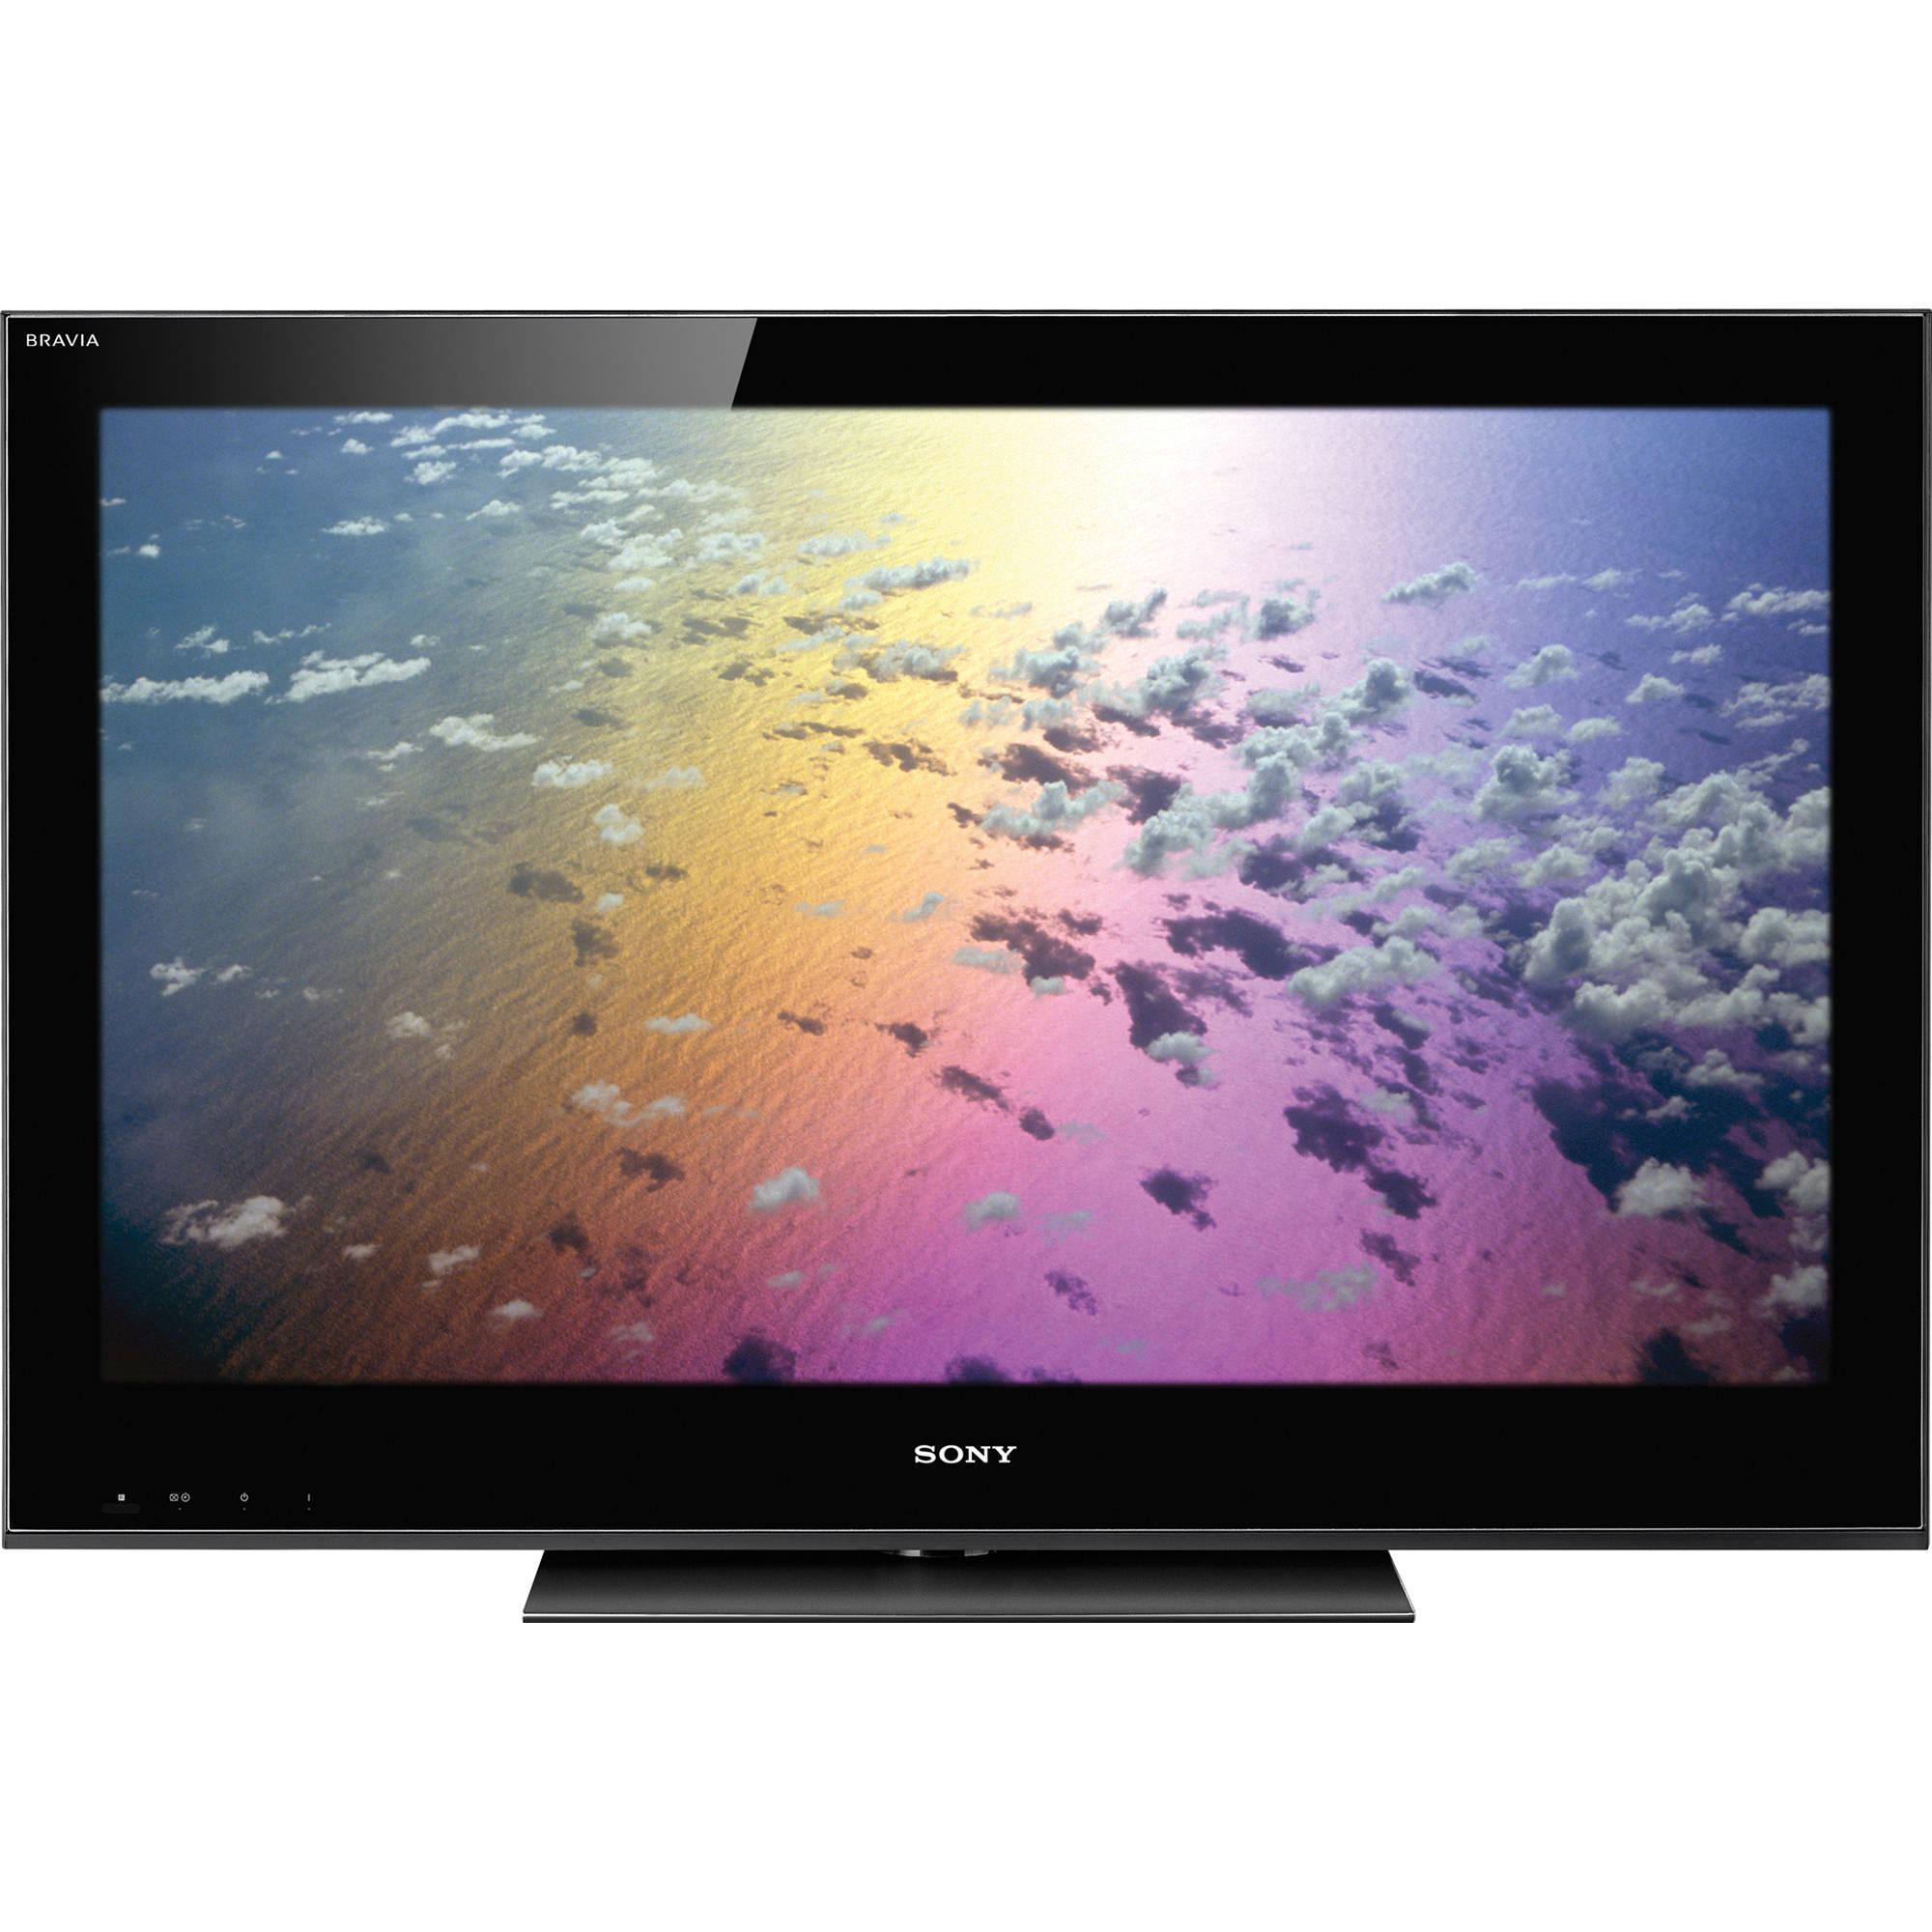 Sony KDL-46NX700 BRAVIA HDTV Mac